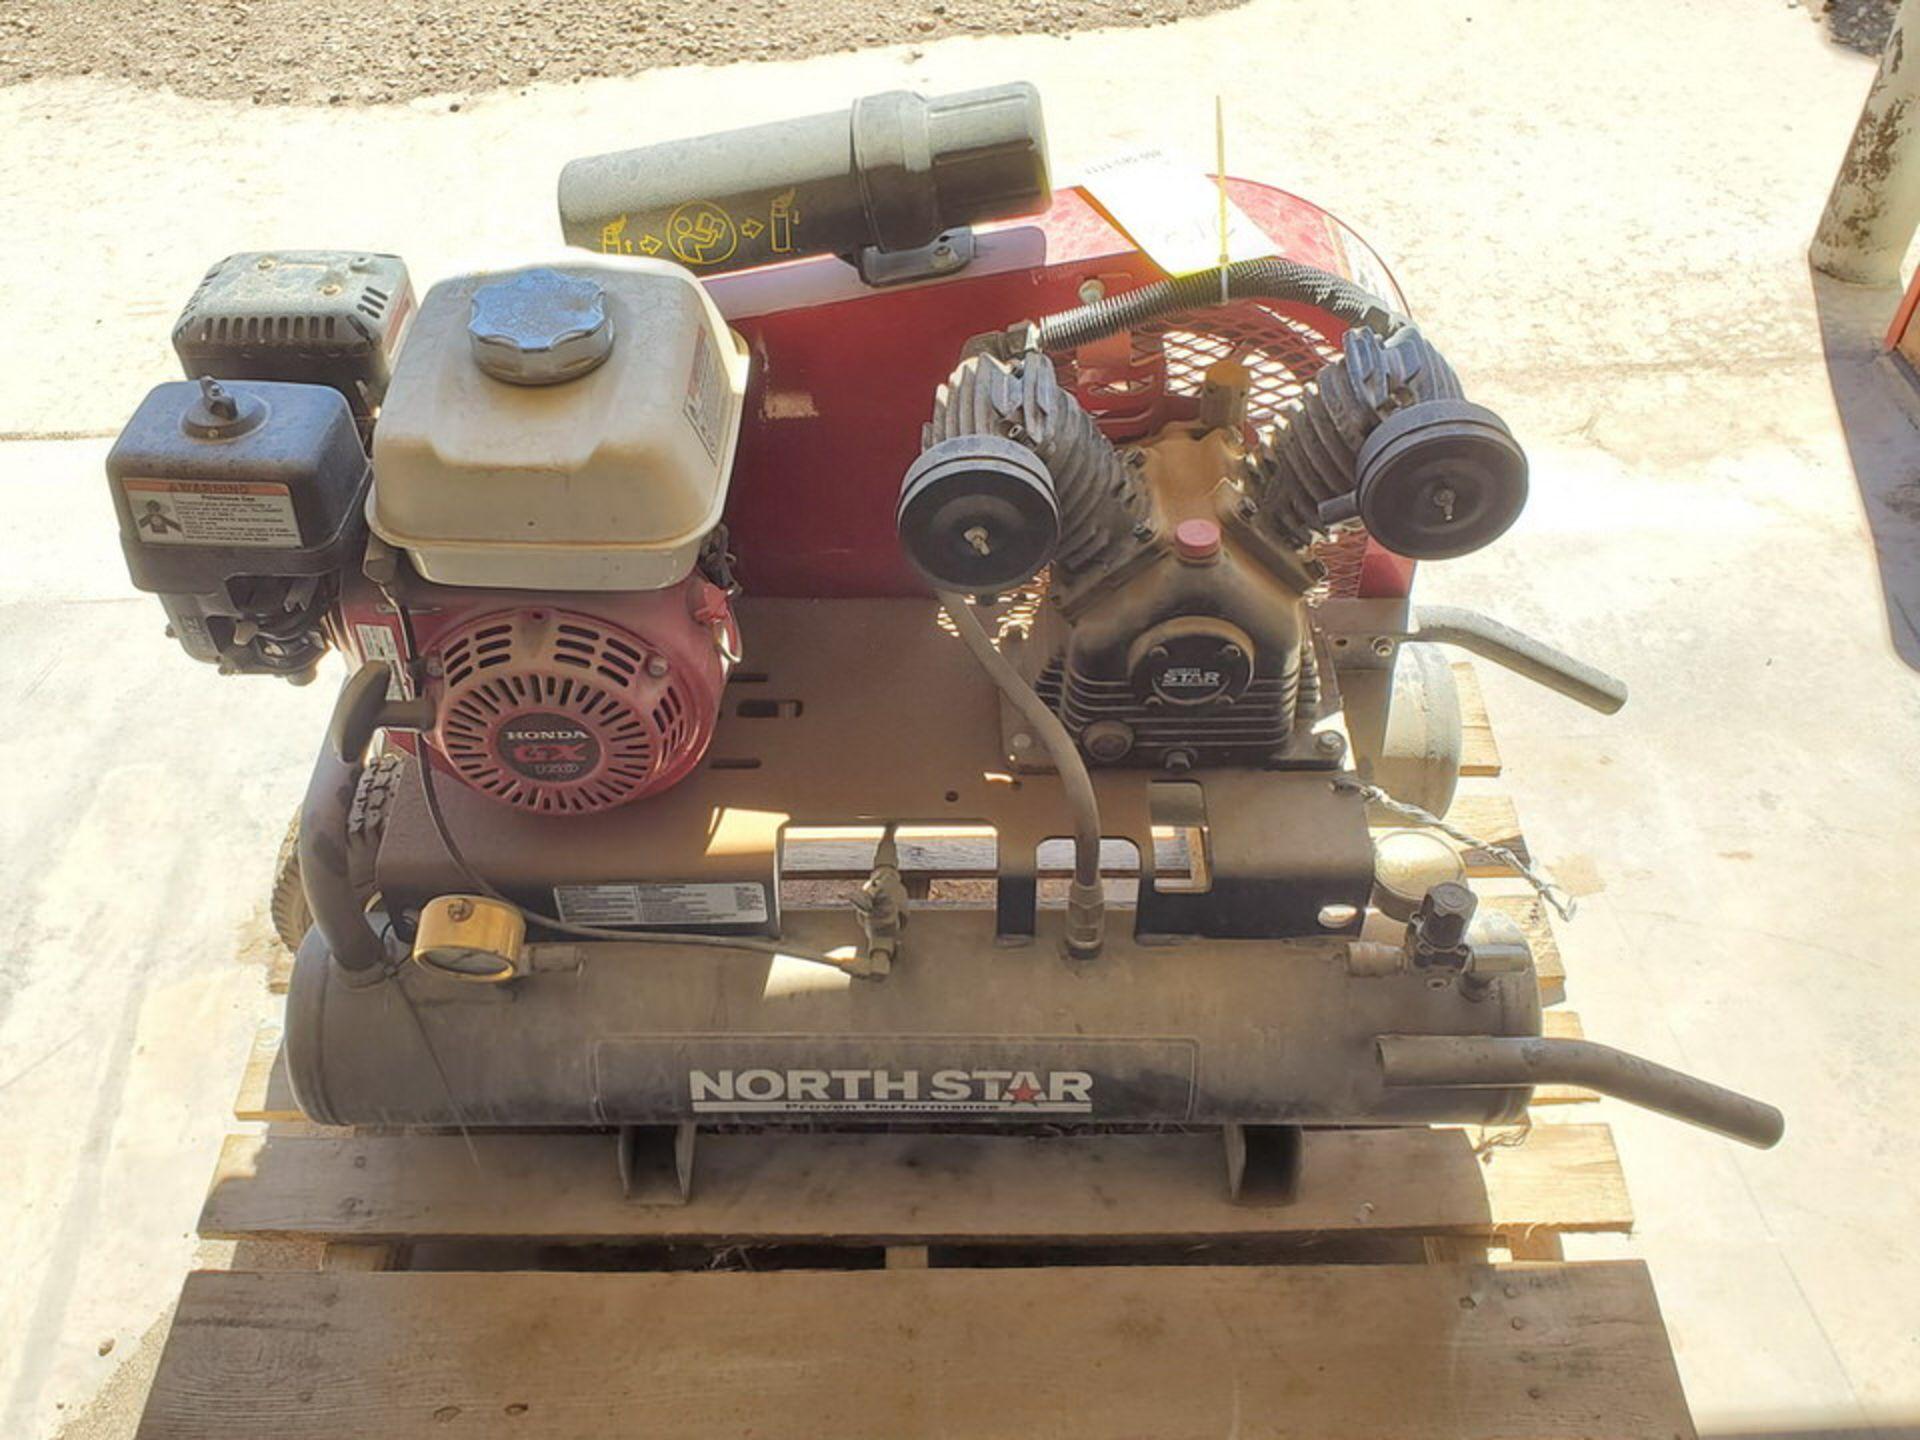 North Star Air Compressor 130psi, 8Gal Cap., W/ Honda GX160 Engine, 15.7CFM@90psi - Image 5 of 6